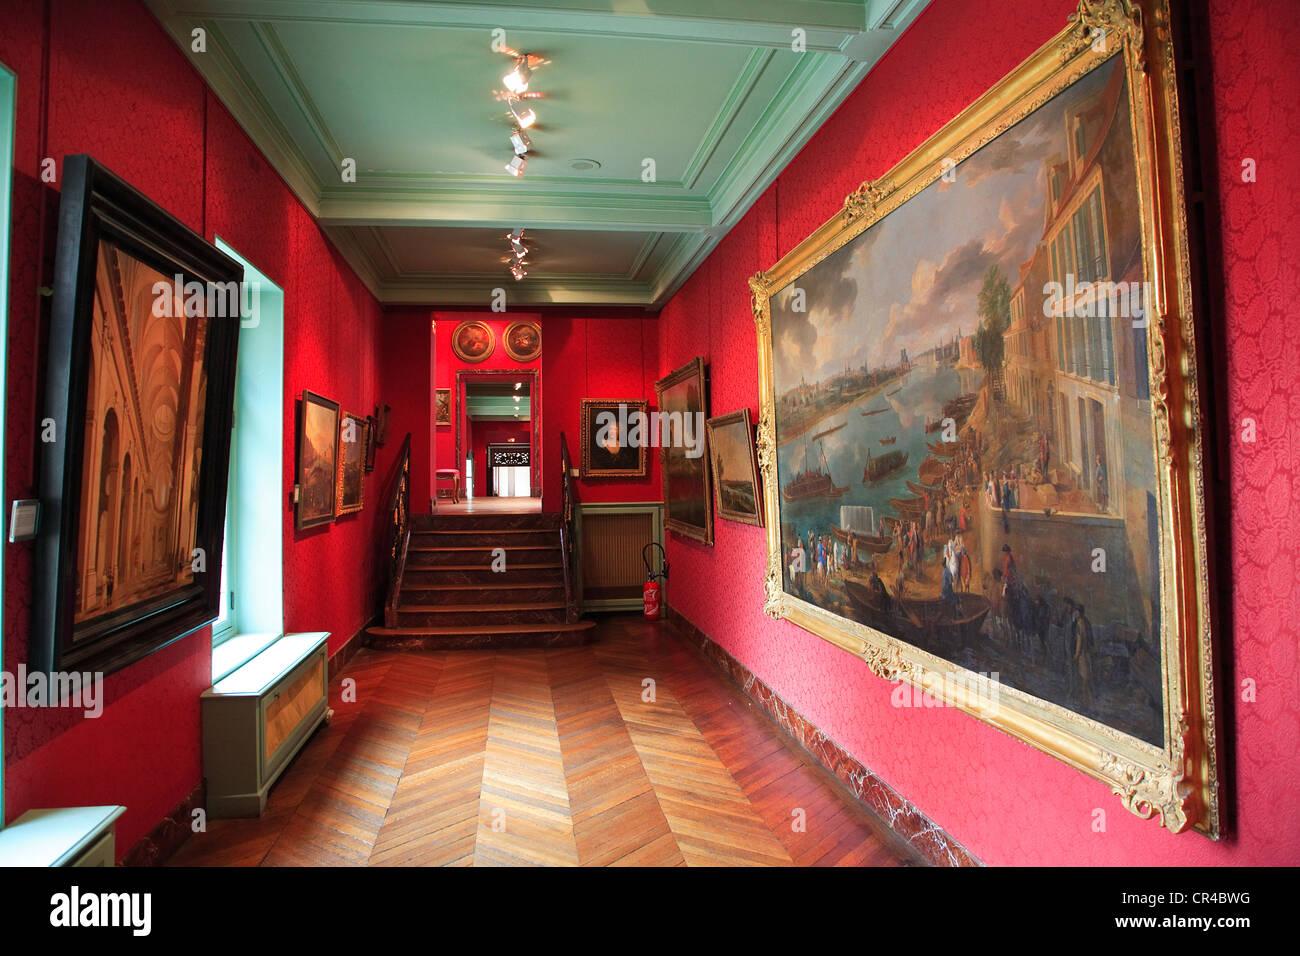 France, Paris, Marais District, Carnavalet Museum - Stock Image